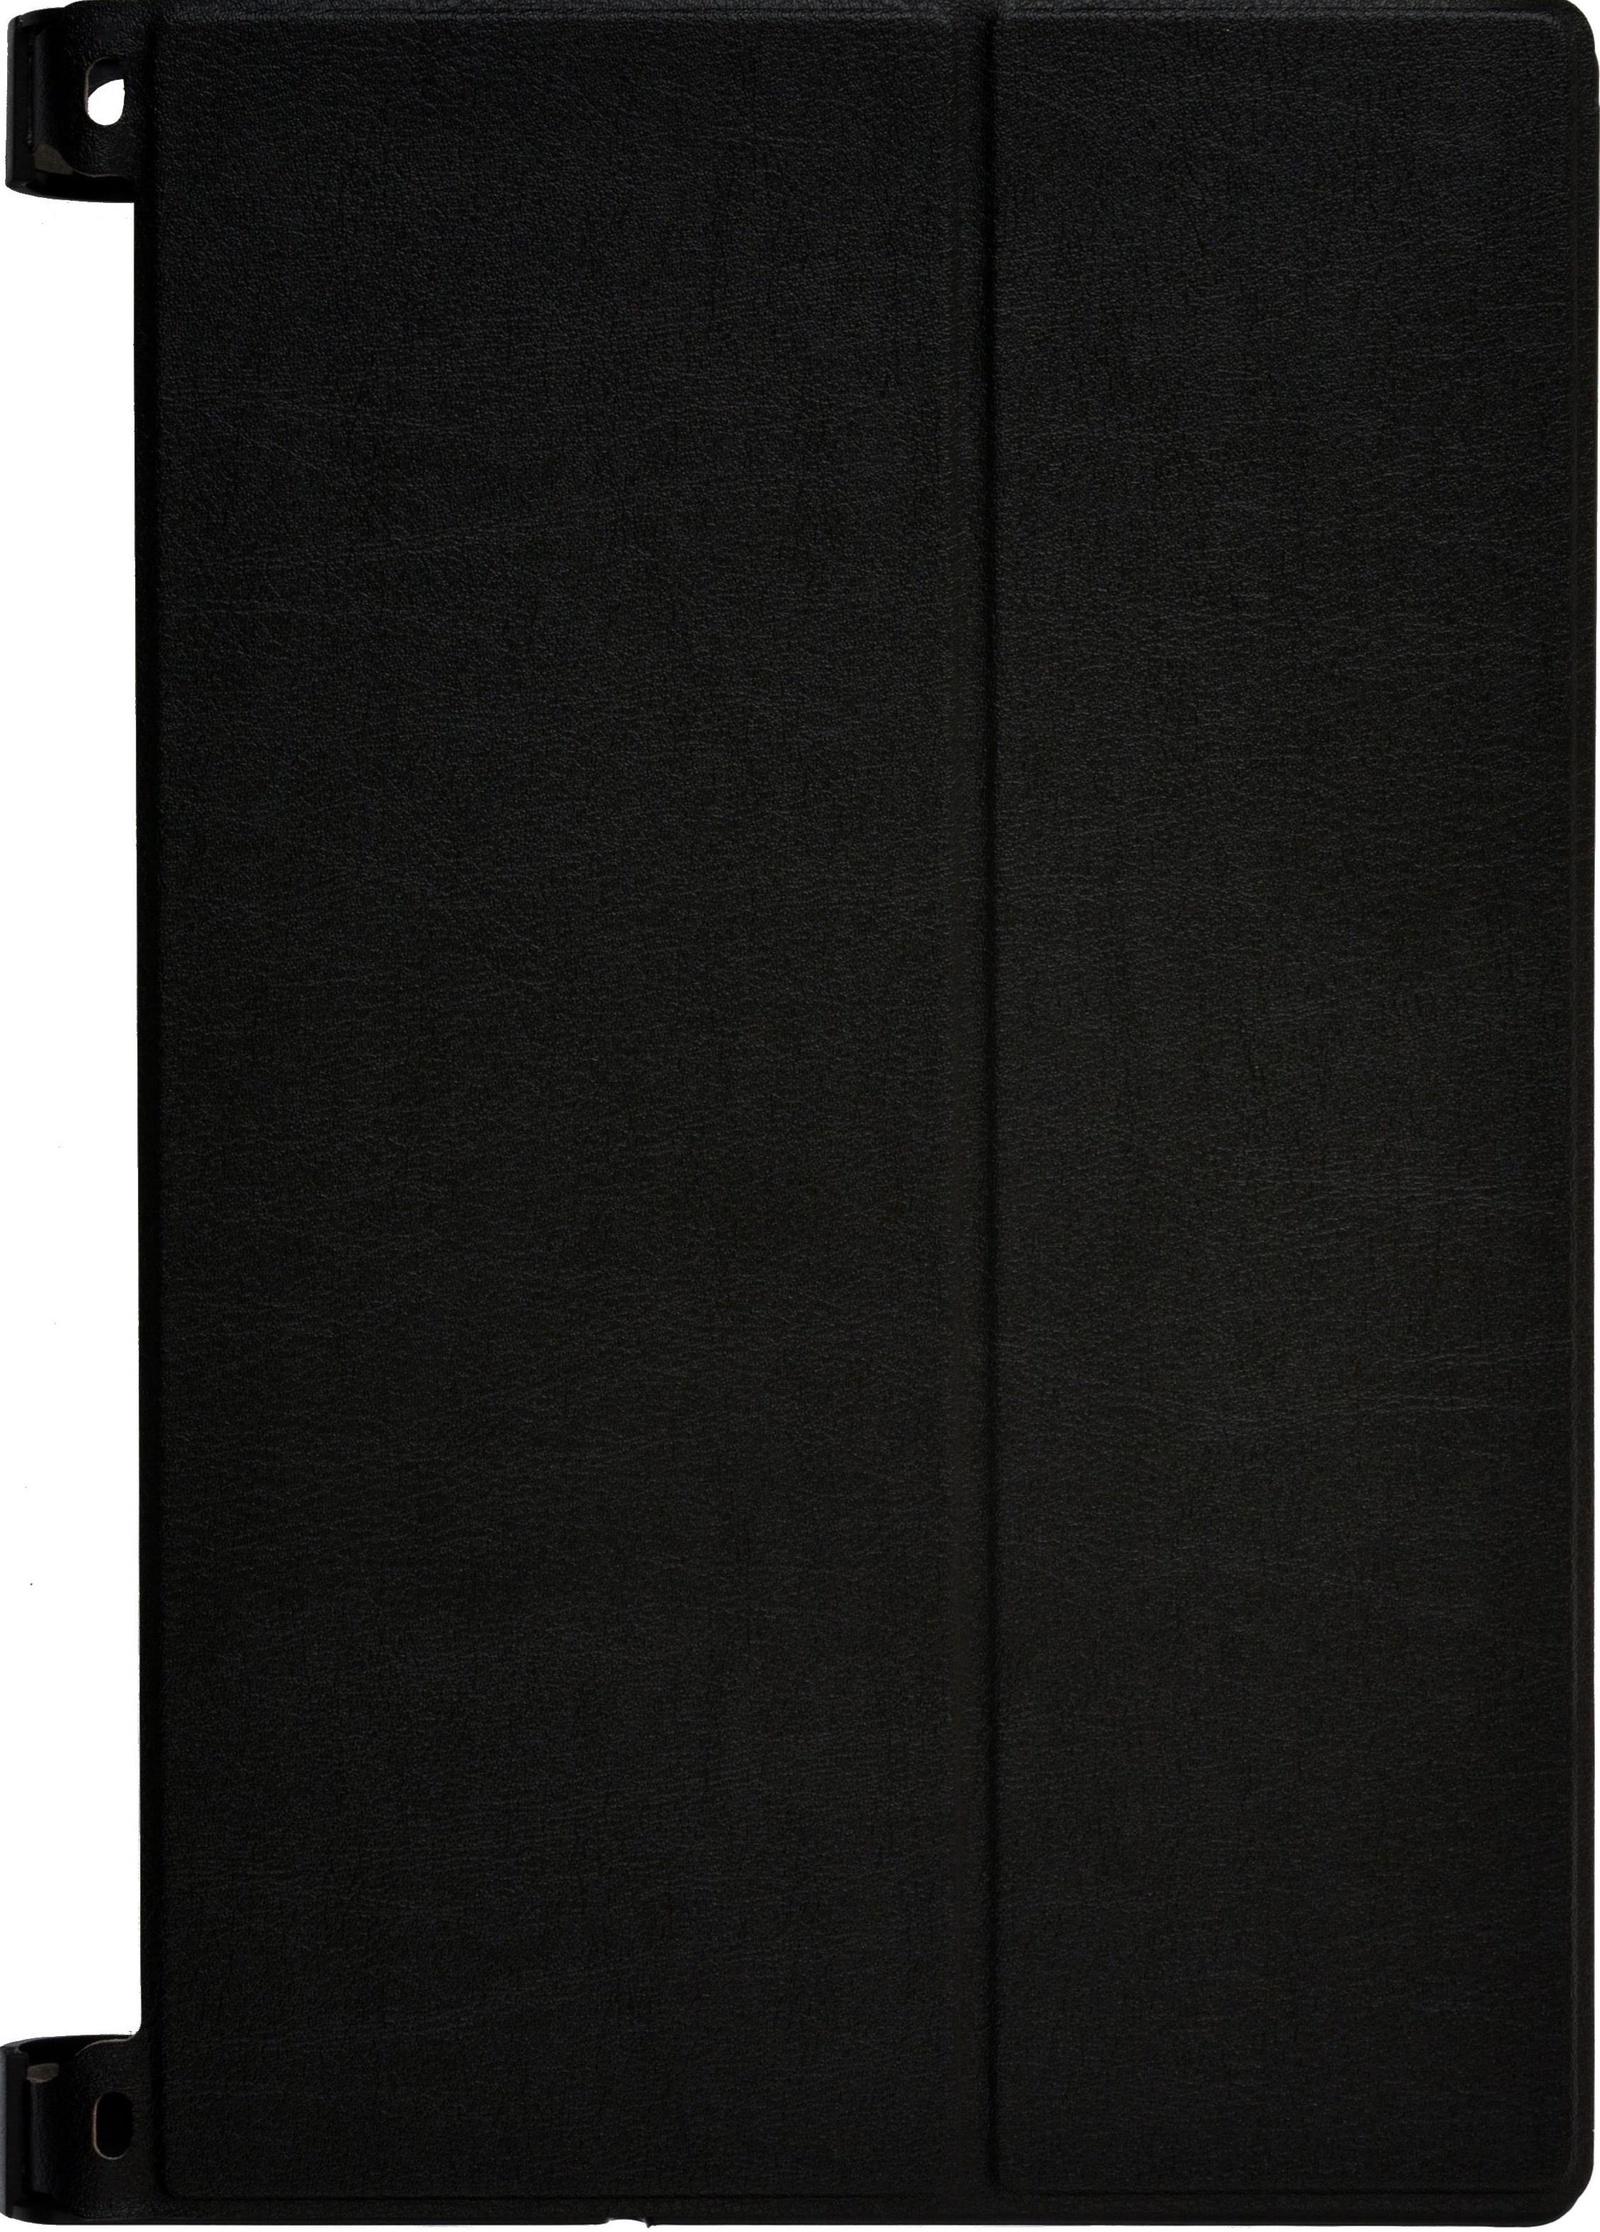 Чехол для планшета skinBOX Smart, 4630042526297, черный